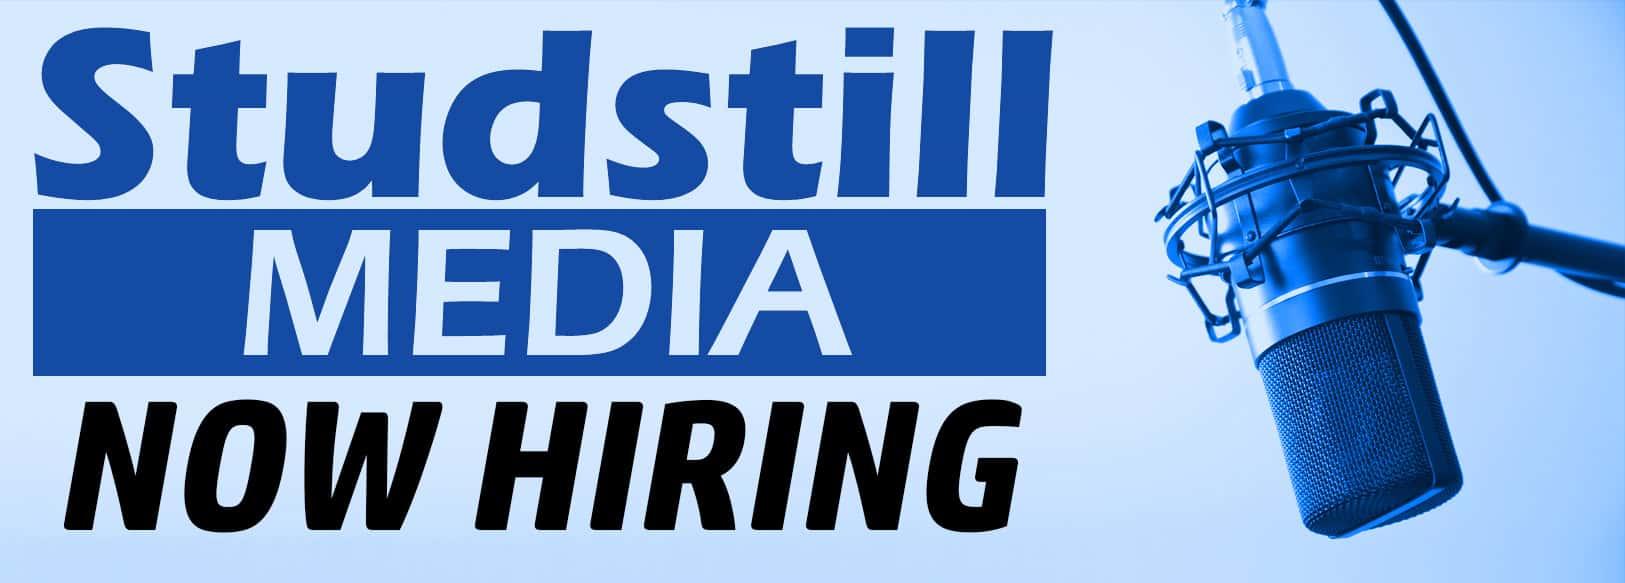 studstill-media-now-hiring